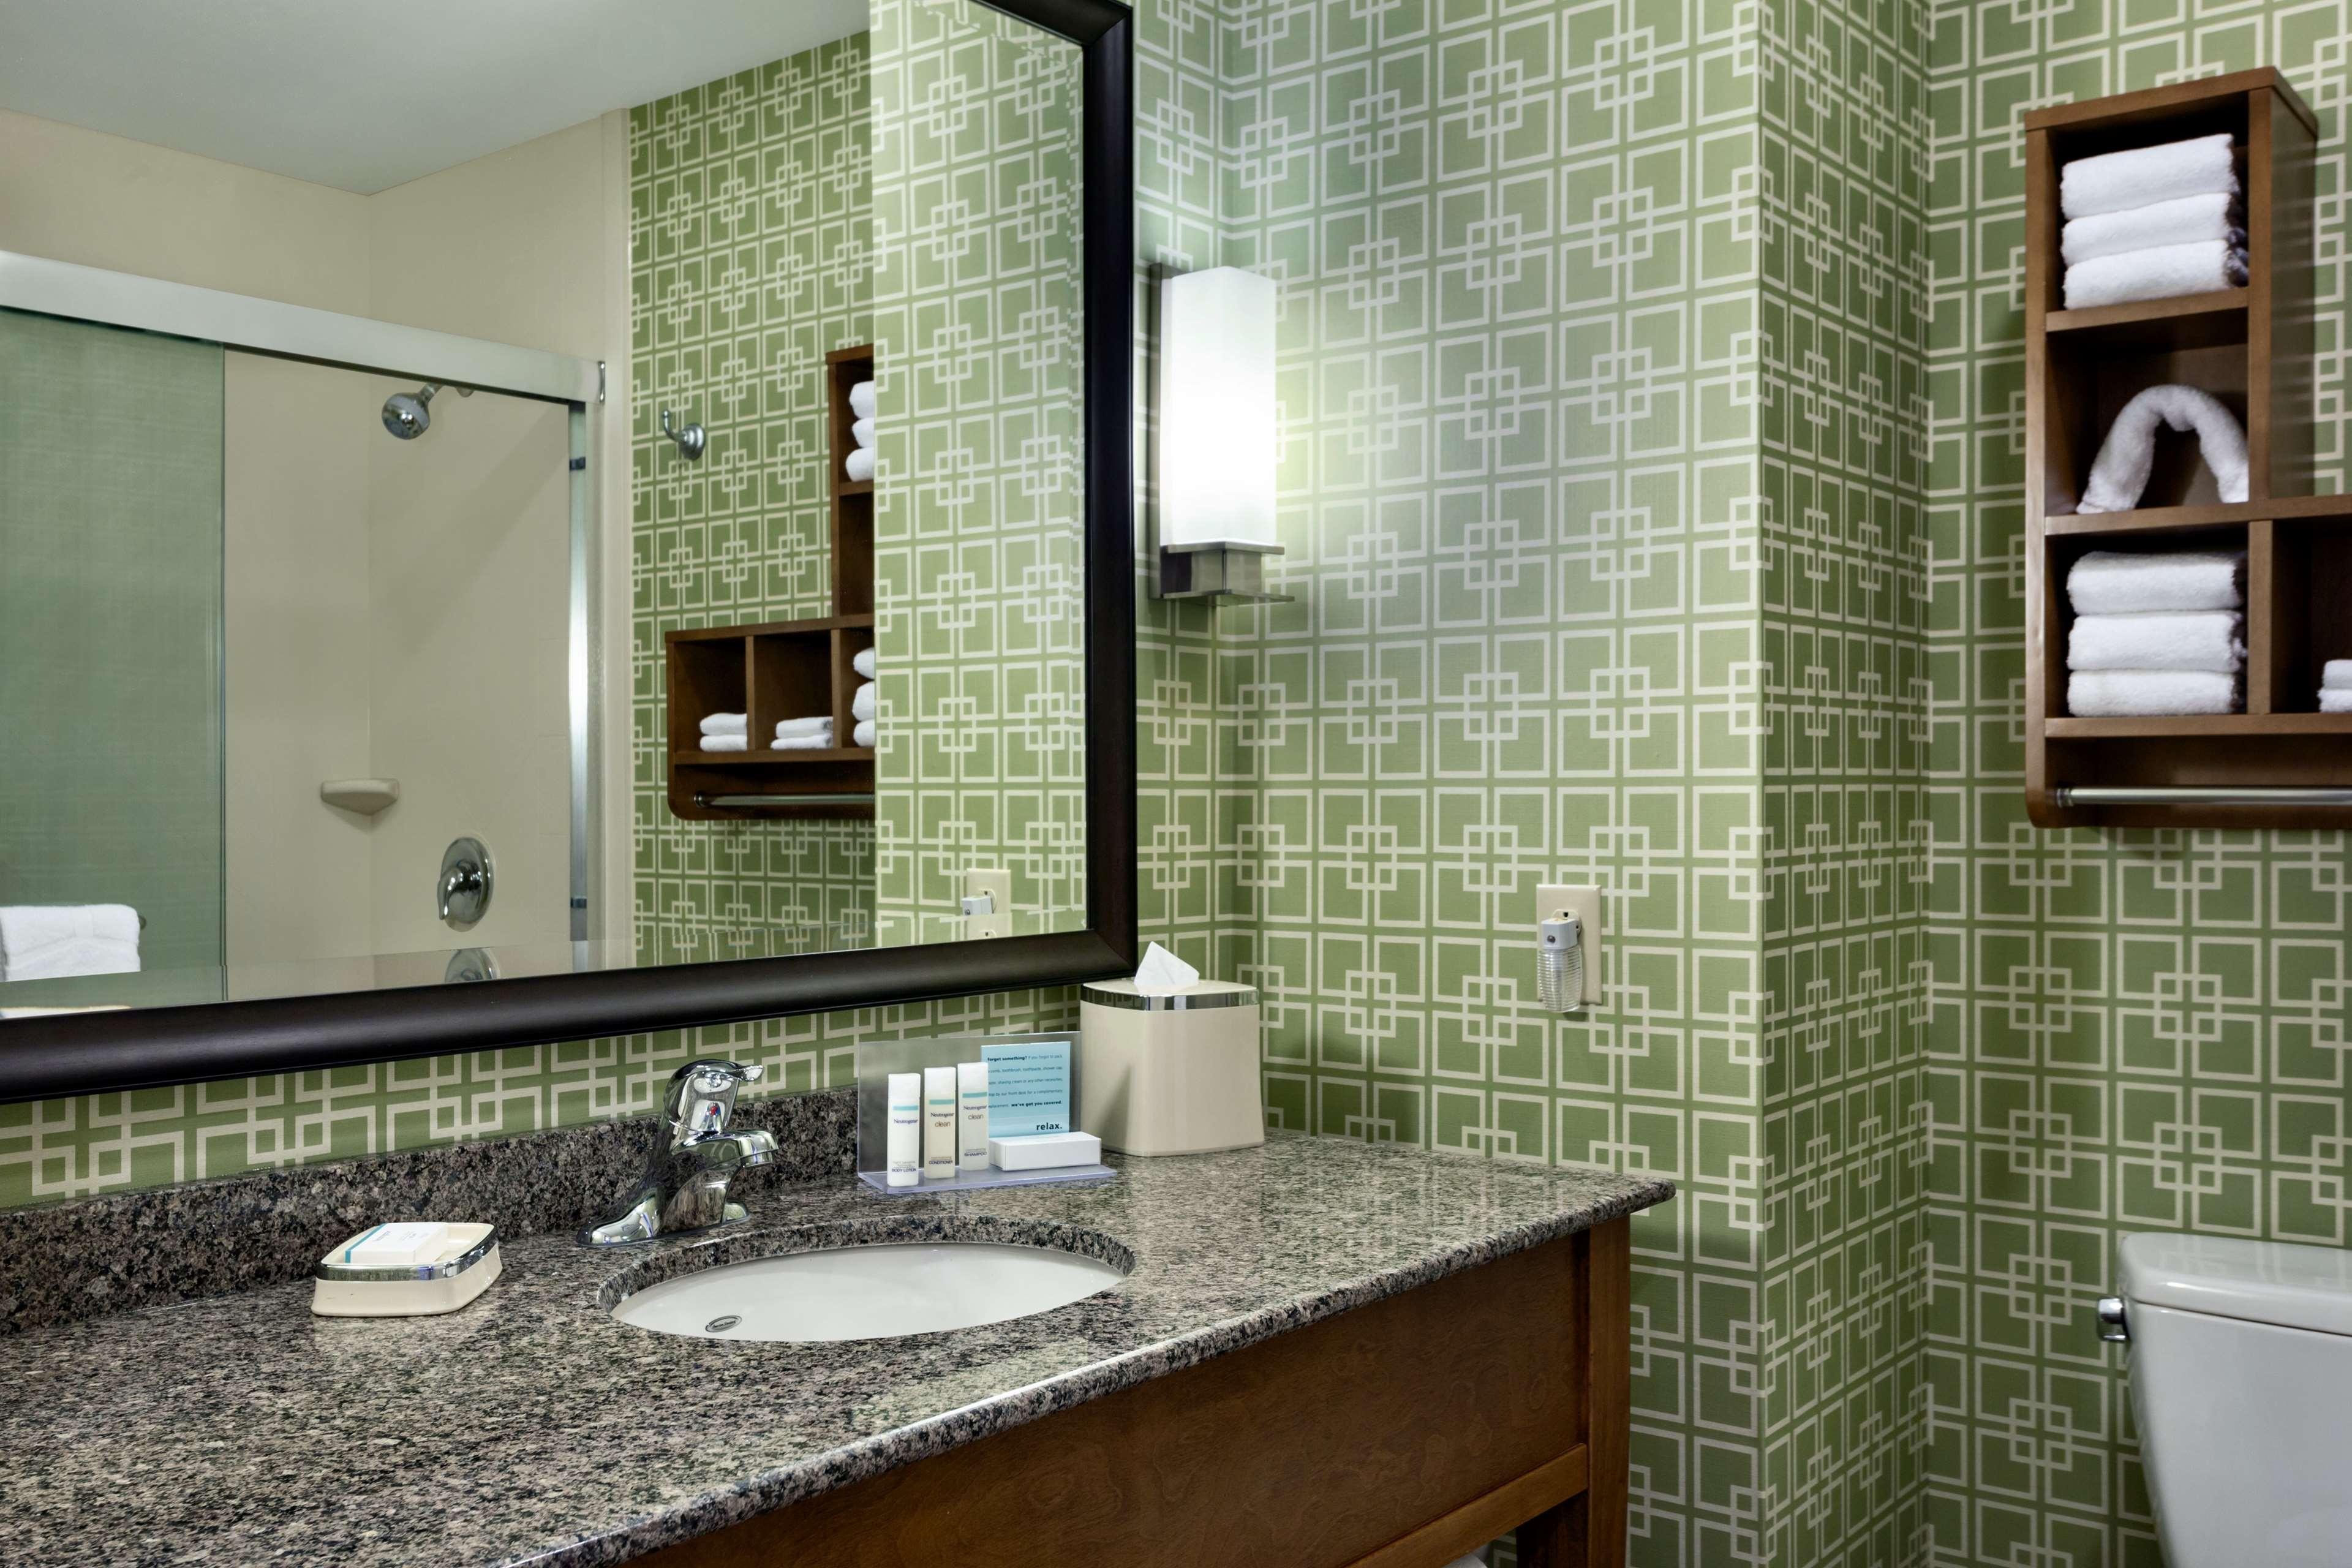 Hampton Inn and Suites Clayton/St Louis-Galleria Area image 19